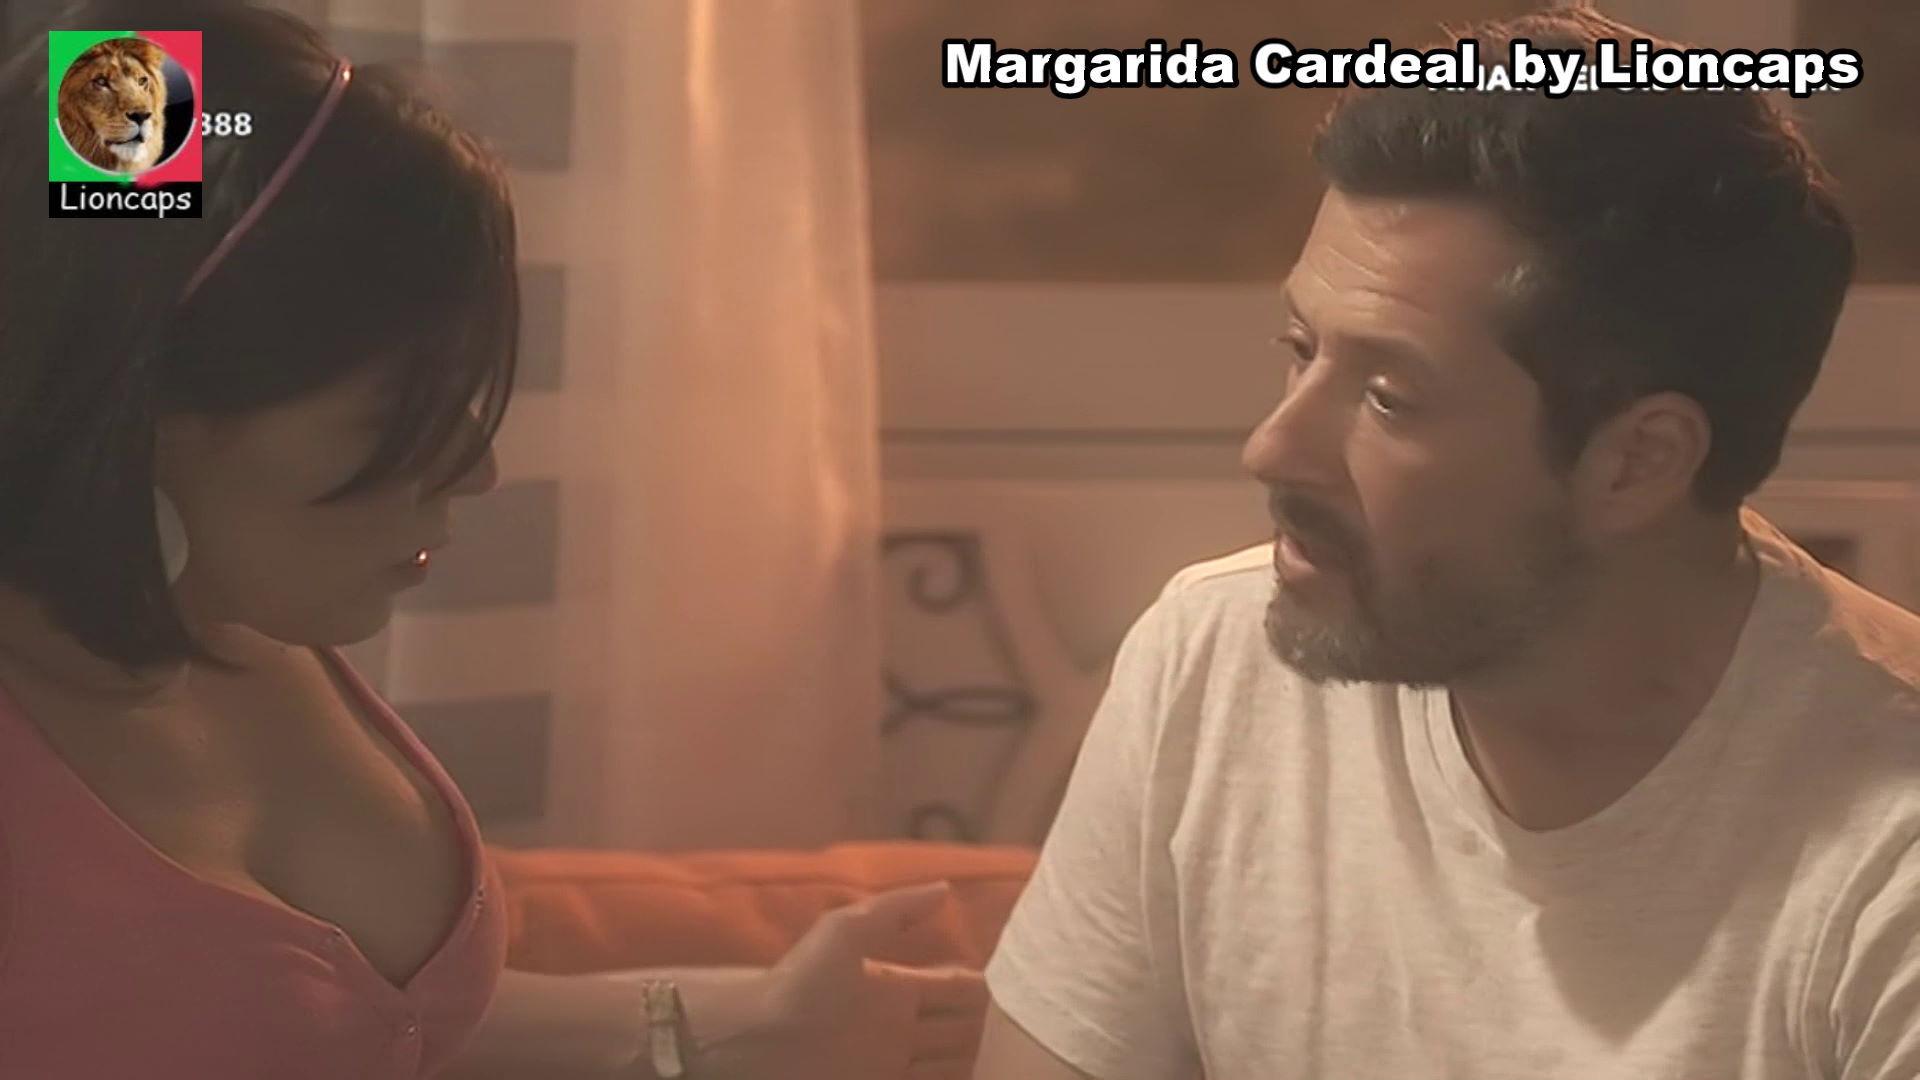 margarida_cardeal_vs200421-077 (3).JPG